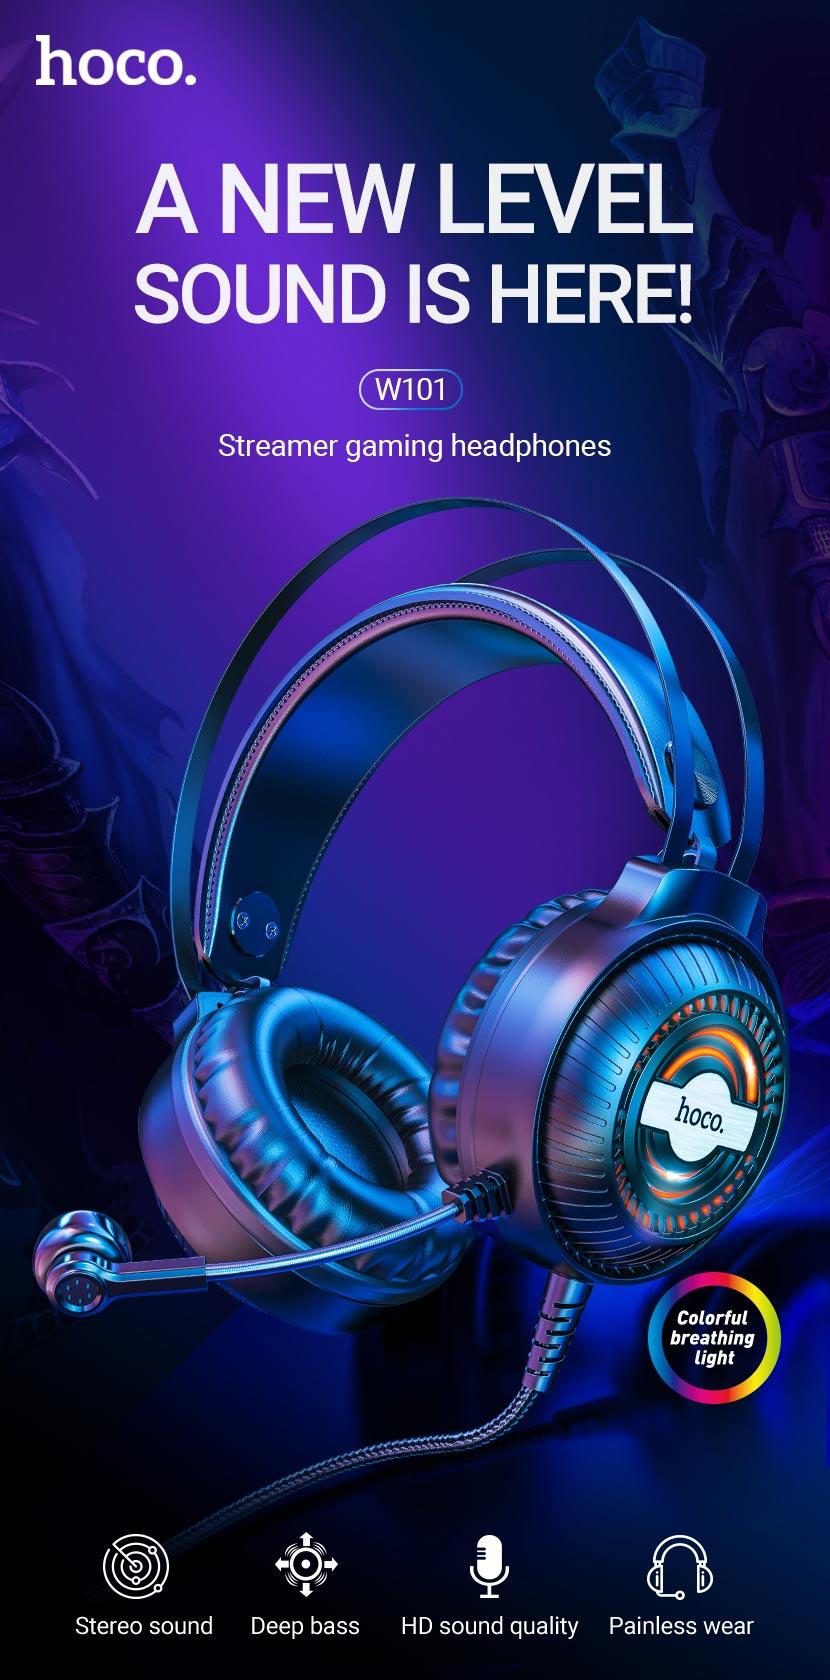 hoco news w101 streamer gaming headphones en